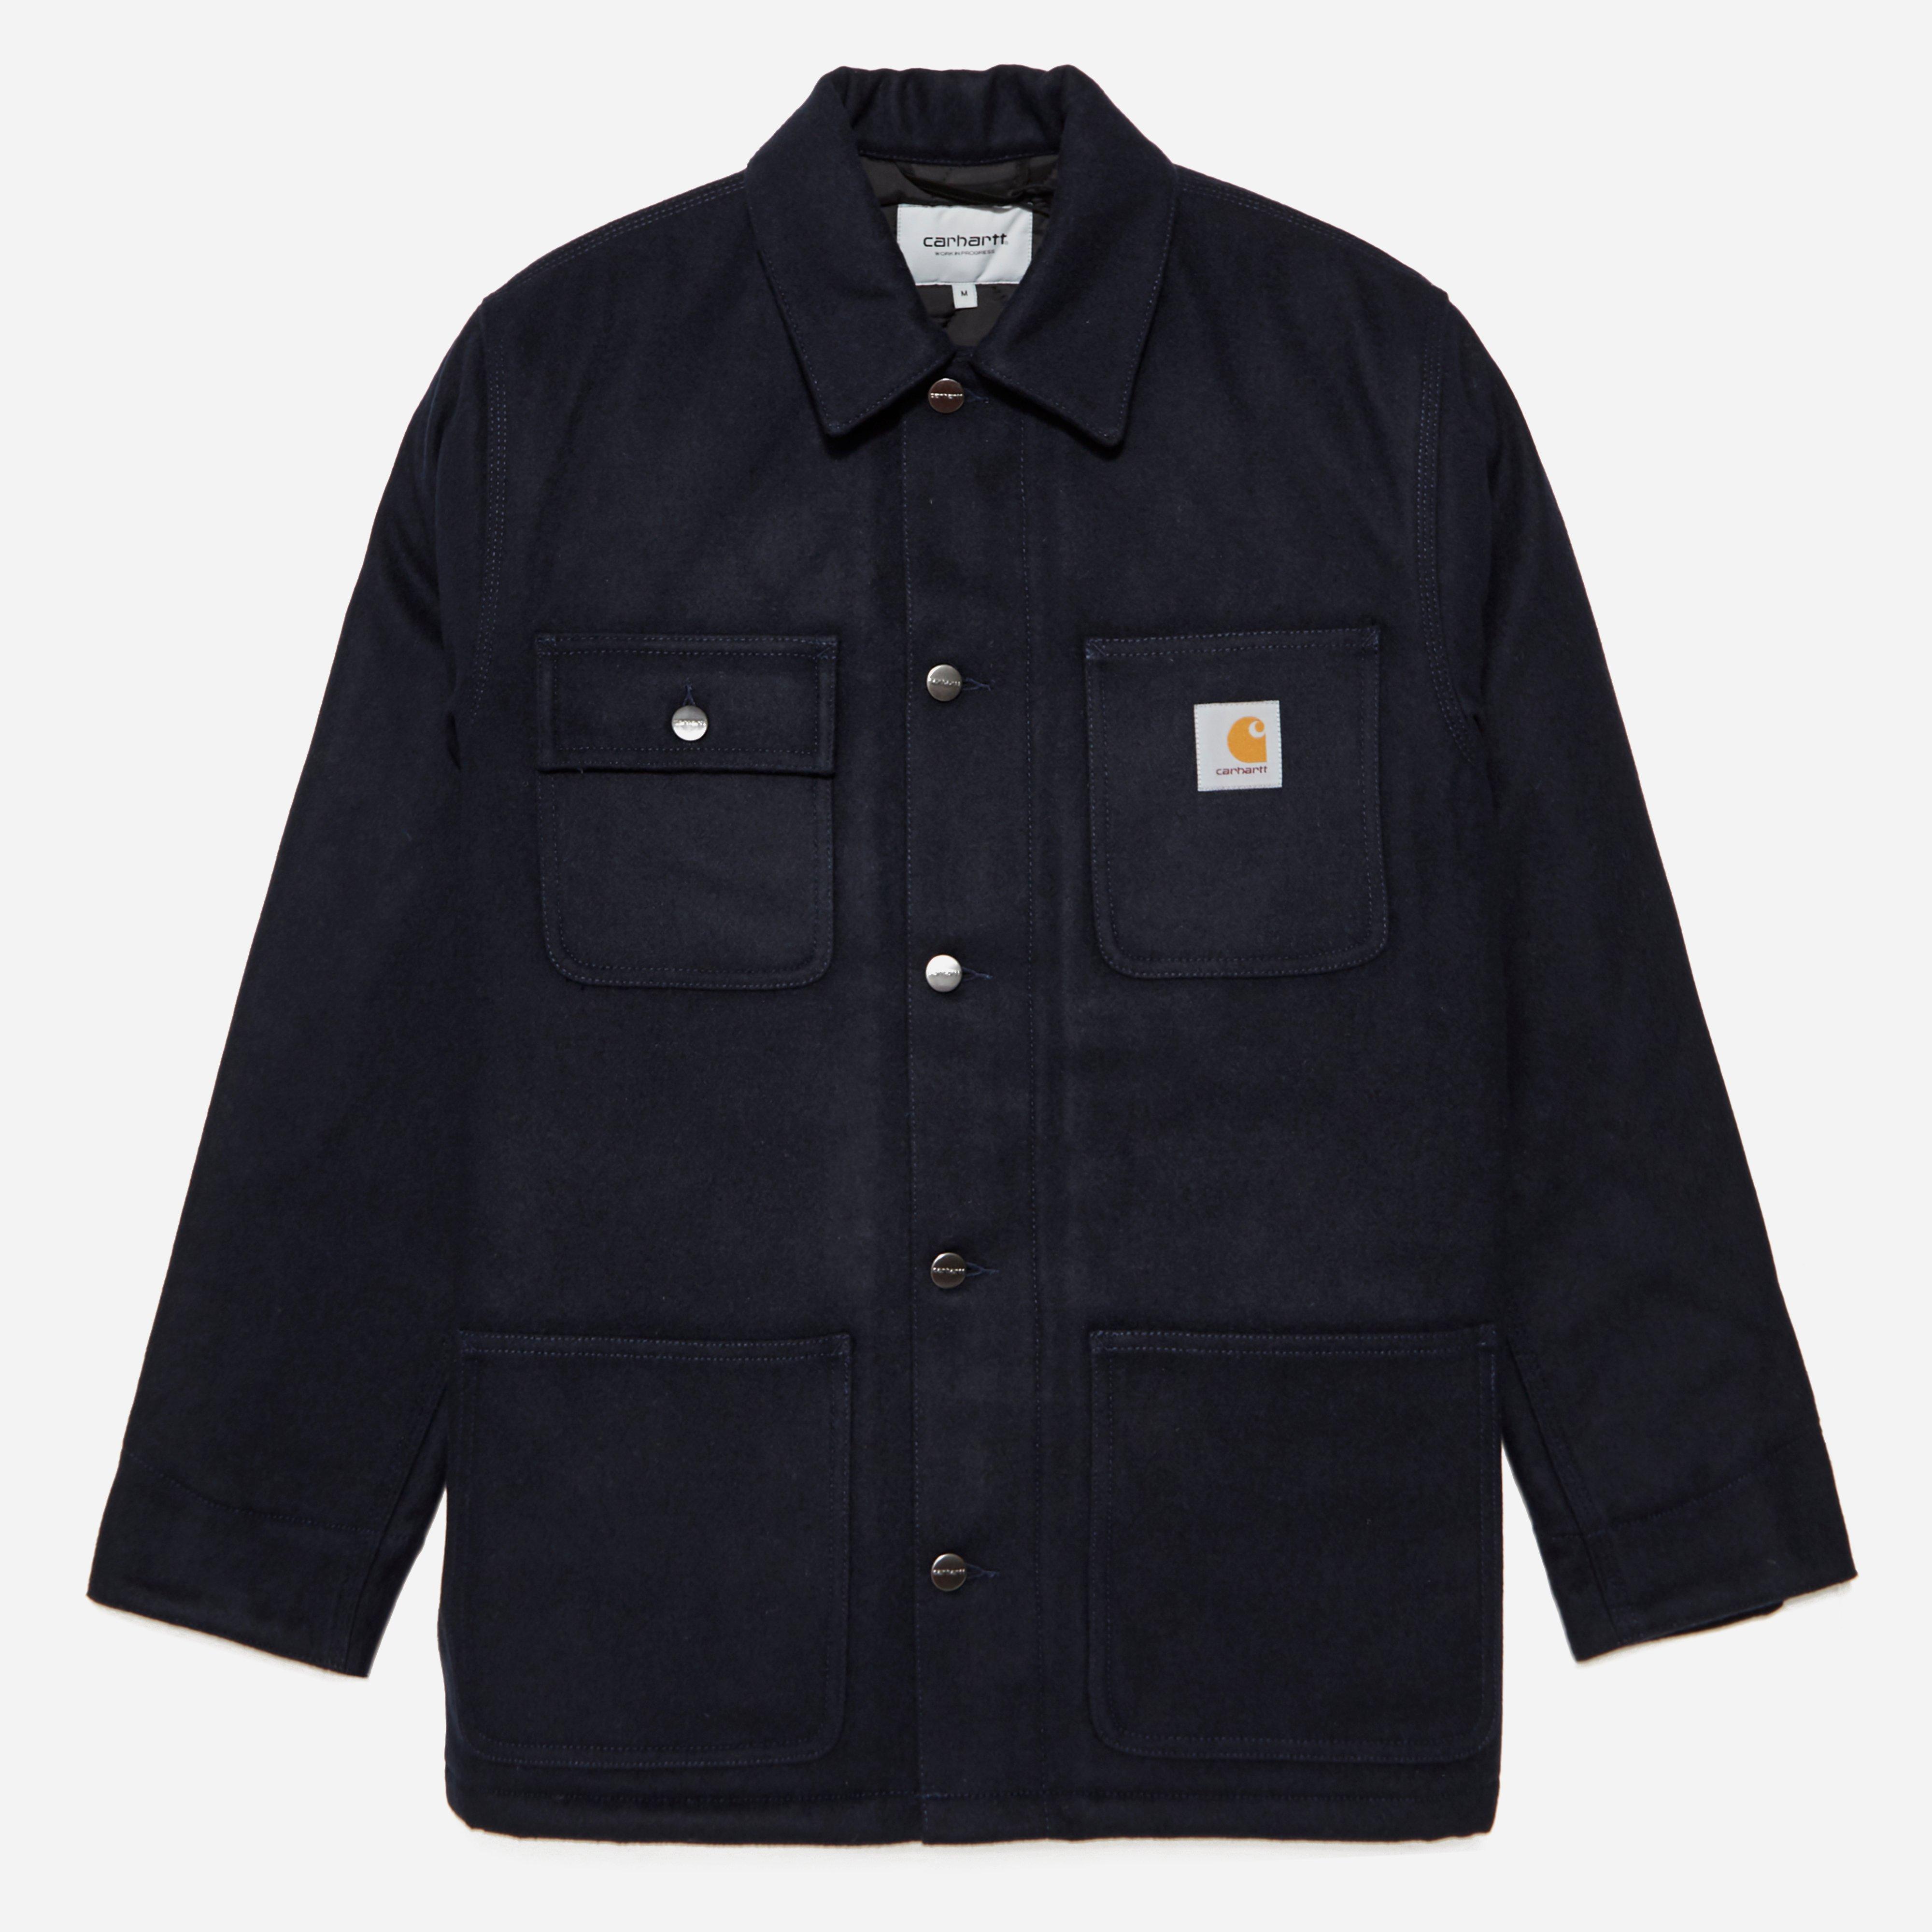 Carhartt Michigan Wool Chore Coat